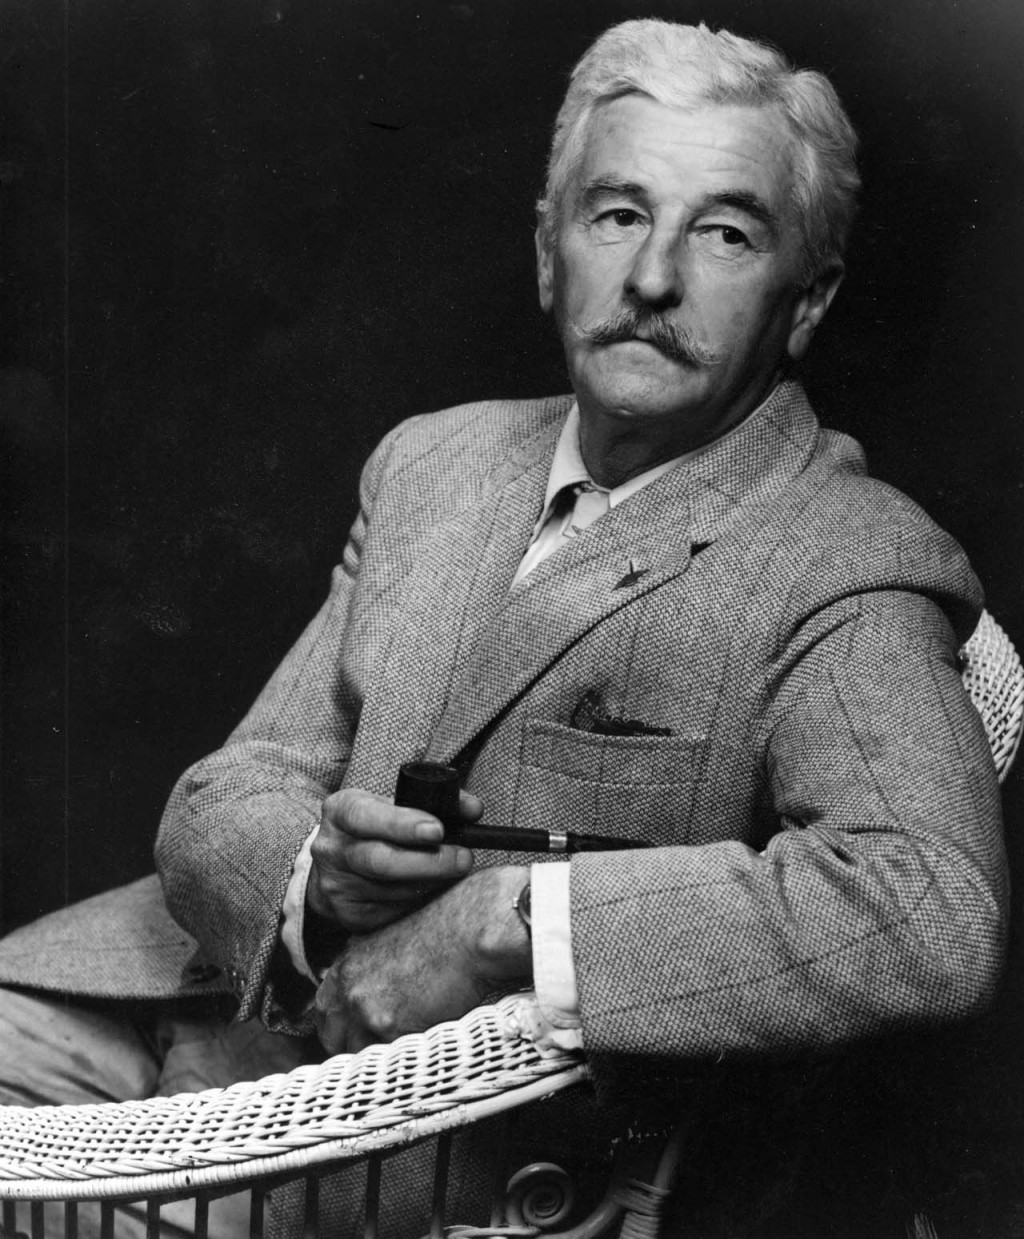 005 William Faulkner Essays Essay Example Stunning Topics Large